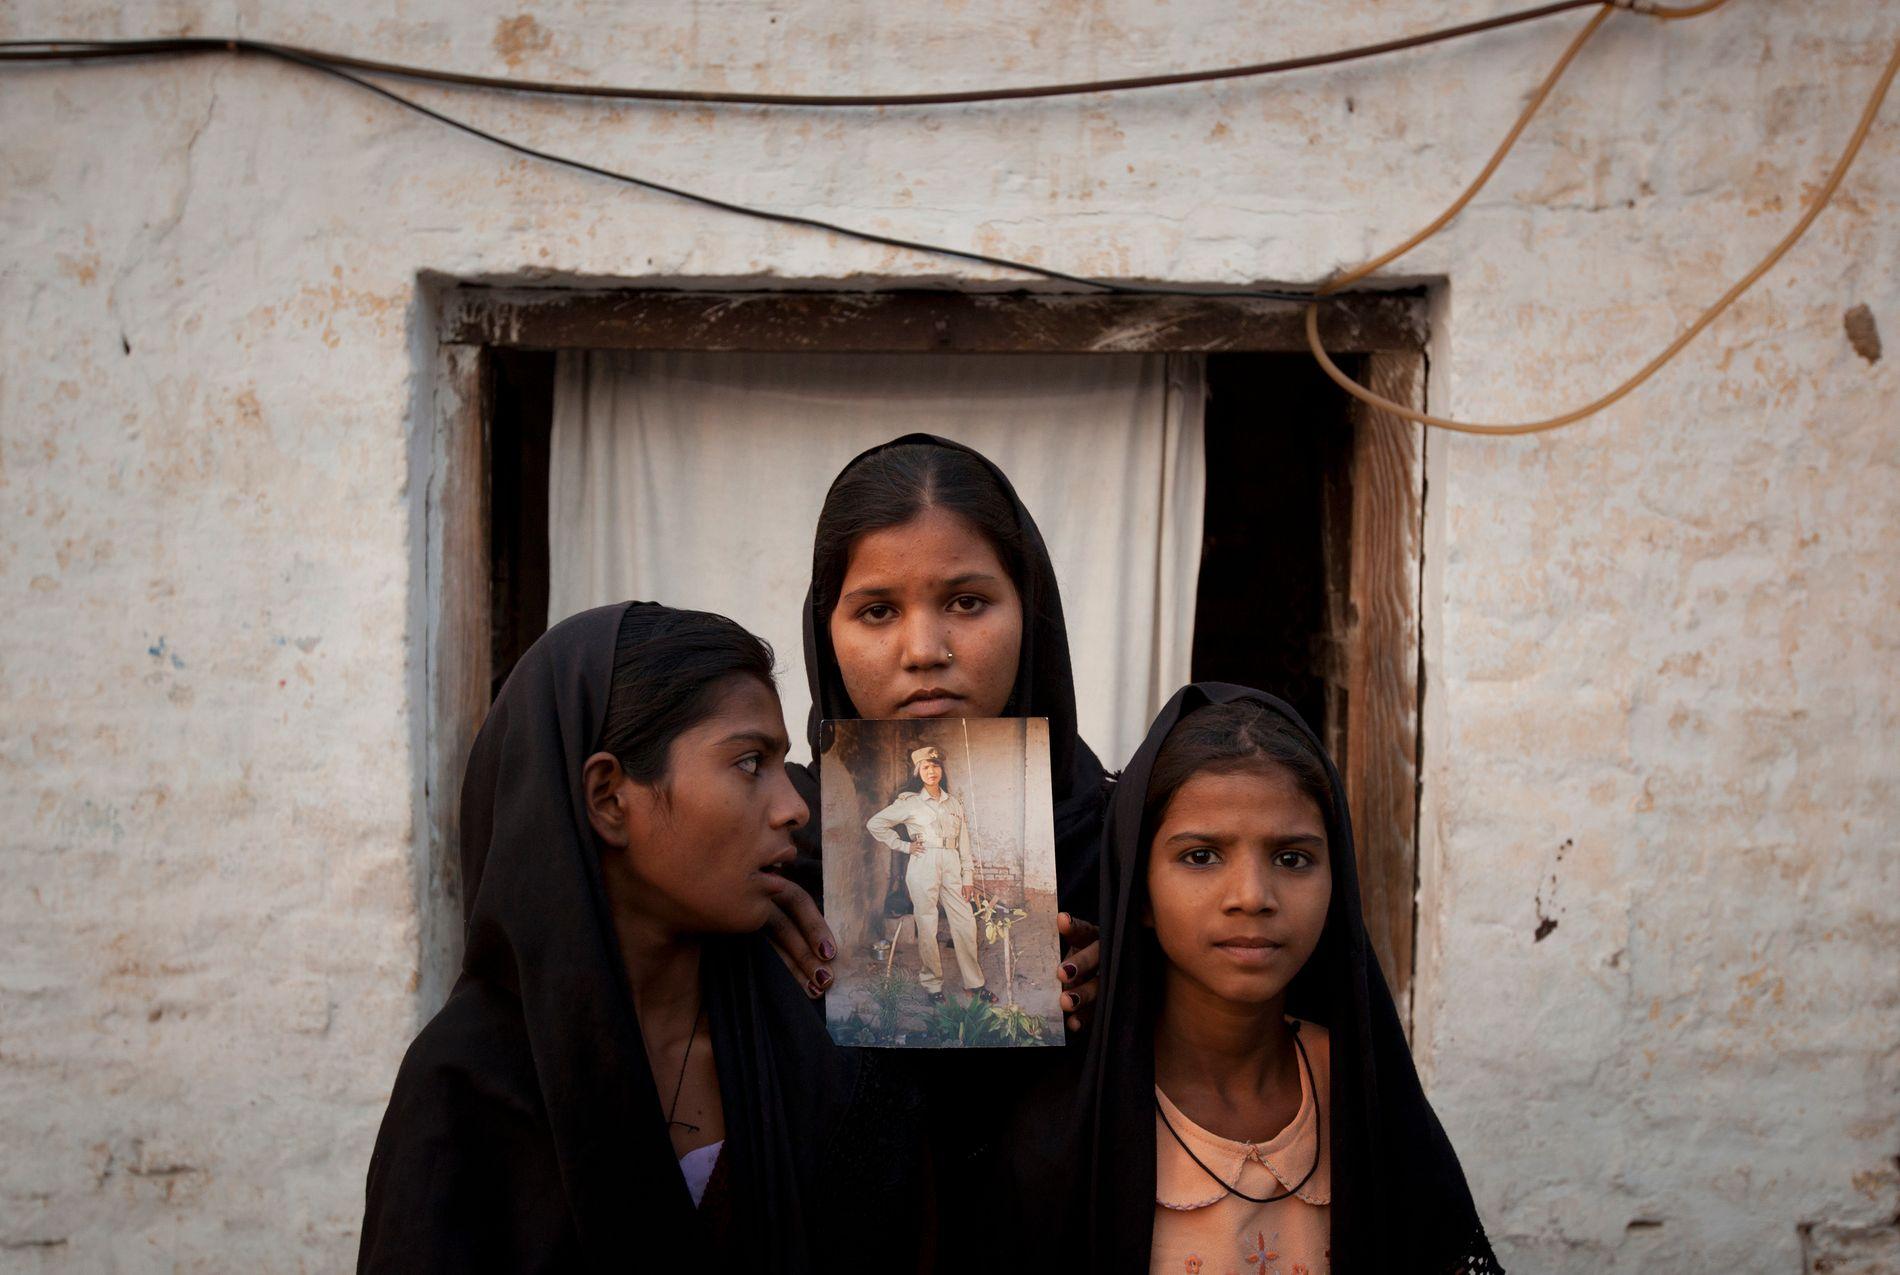 DØTRENE: Asia Bibis døtre holder opp et bilde av moren utenfor sitt hjem i Sheikhupura i Punjab-provinsen i 2010, året da Bibi ble dømt til døden. I dag bor de i Canada.